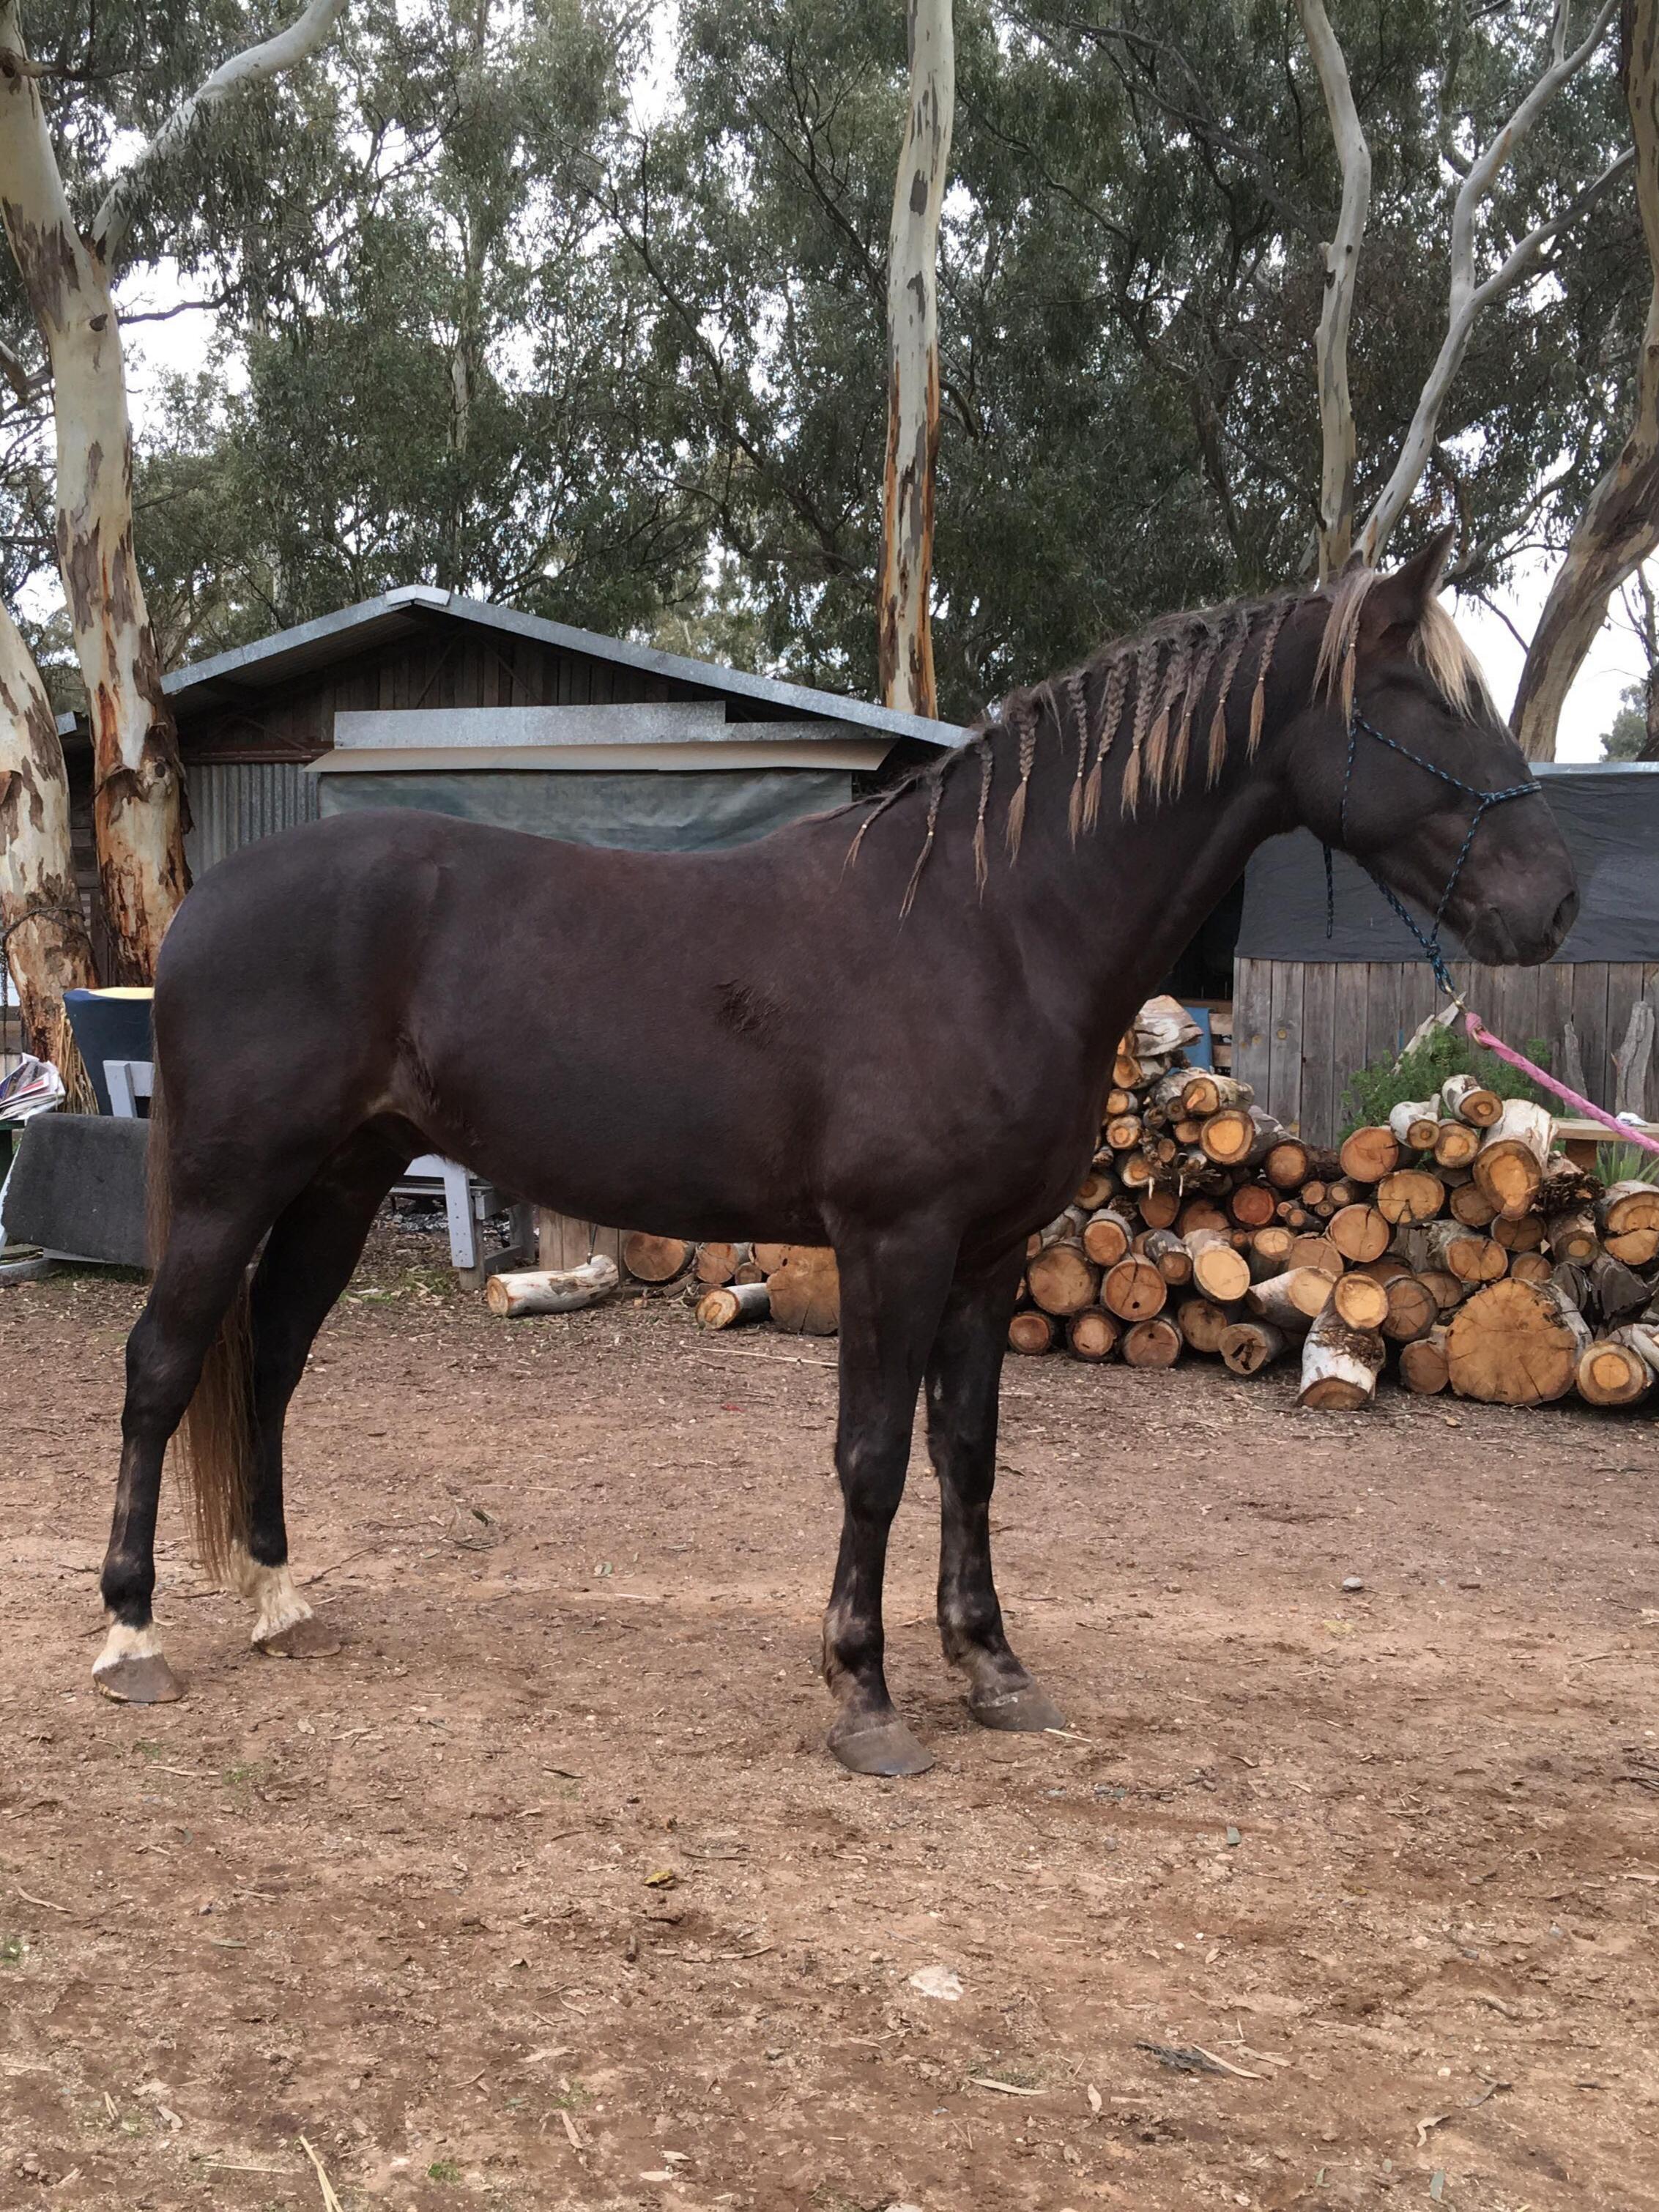 Sterlo, the beautiful Waler foal taken in June 2018